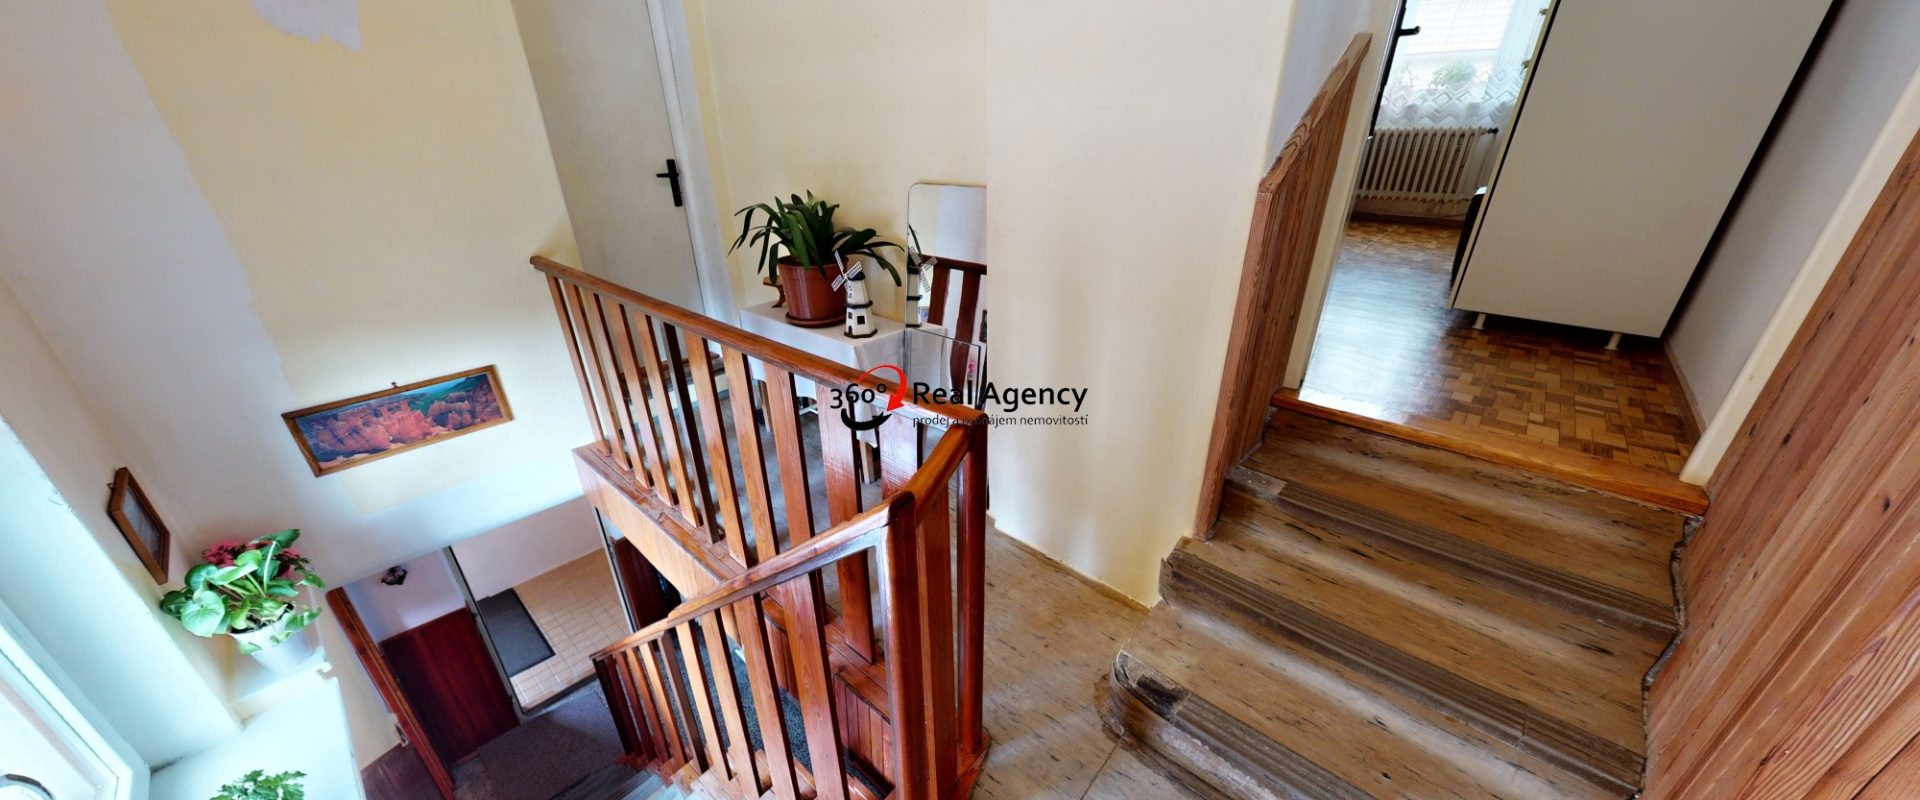 Prodej rodinného domu 120 m², pozemek 376 m², Průhon, Brandýs nad Labem – Stará Boleslav.